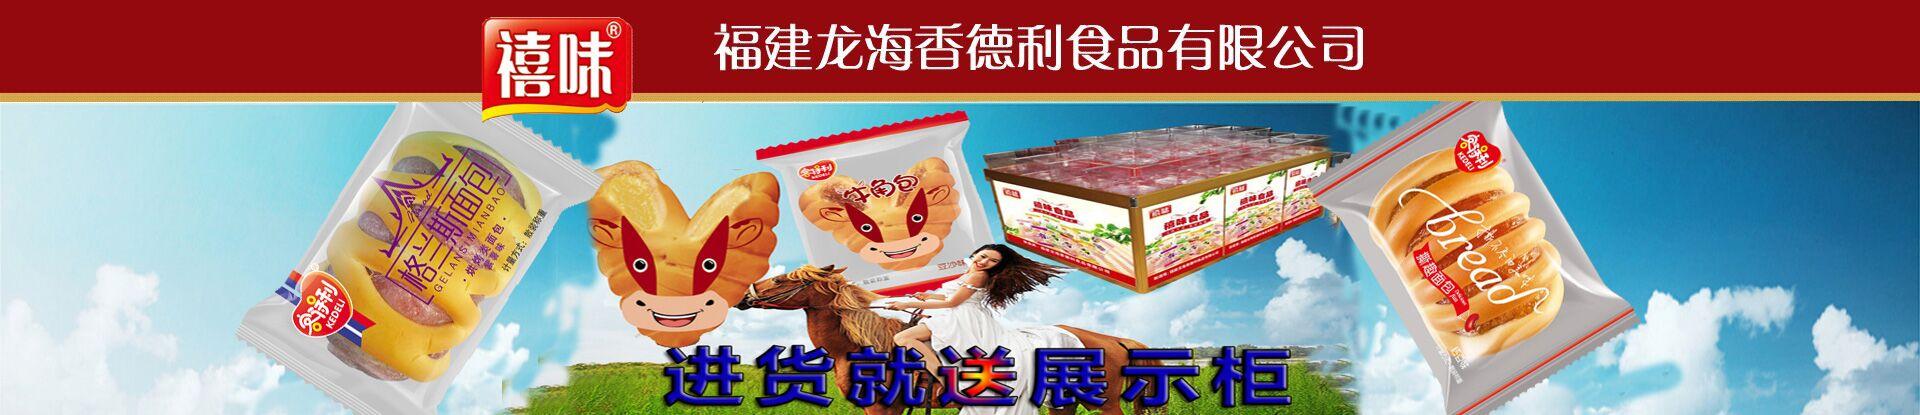 福建龙海香德利食品有限公司